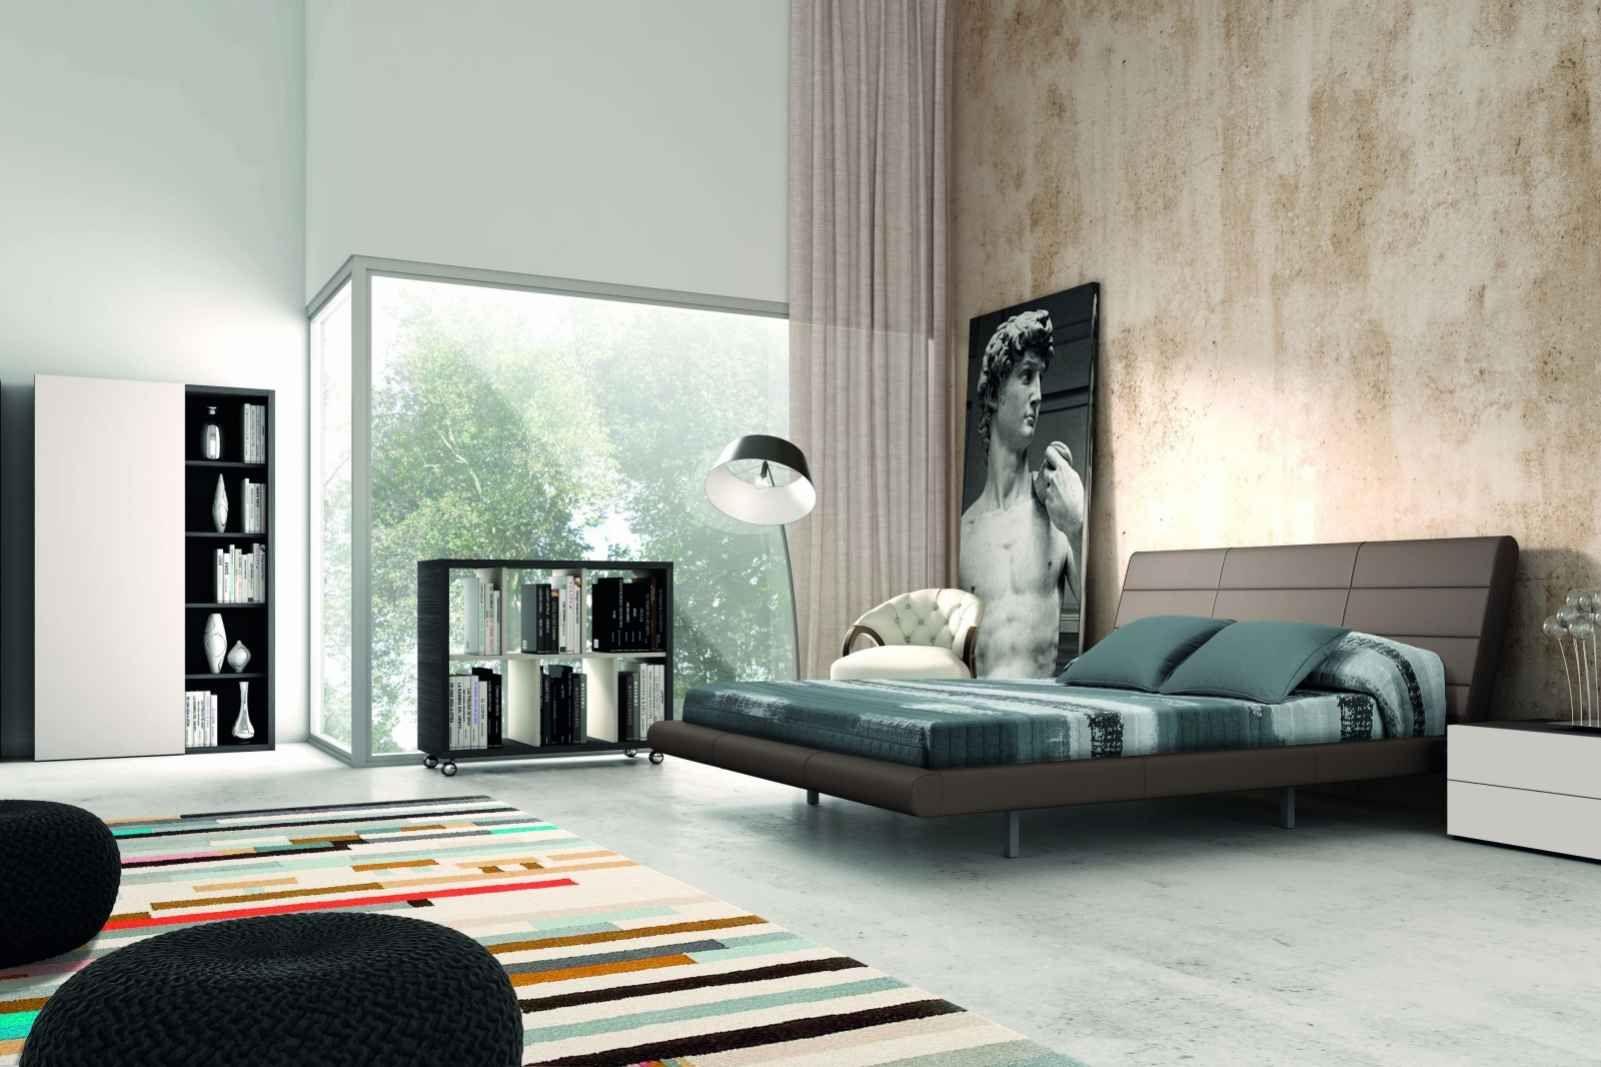 Großes Leinwandbild im Schlafzimmer und großes Doppelbett Fenix ...